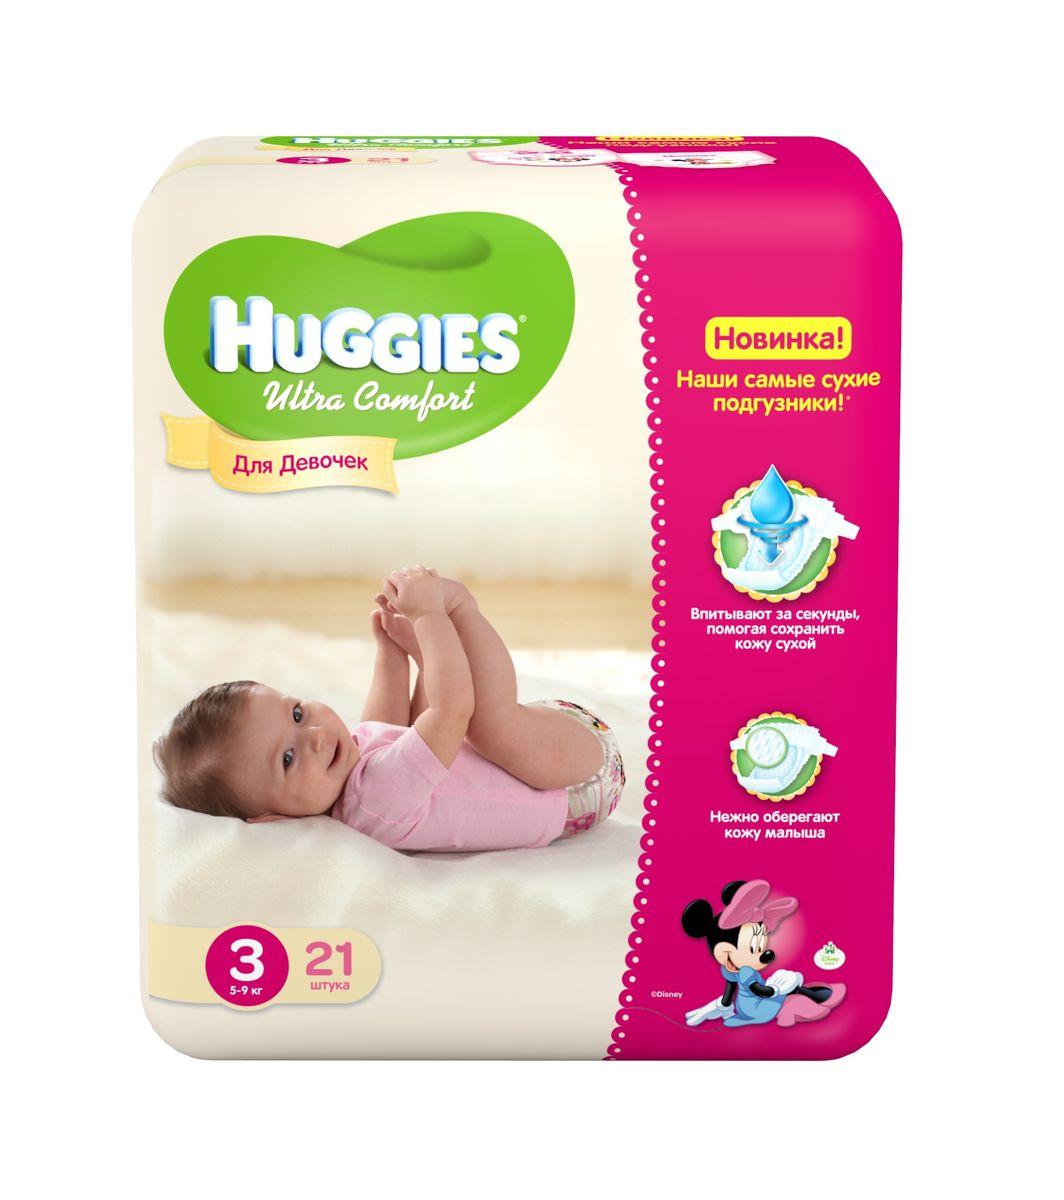 Huggies Подгузники для девочек Ultra Comfort 5-9 кг (размер 3) 21 шт